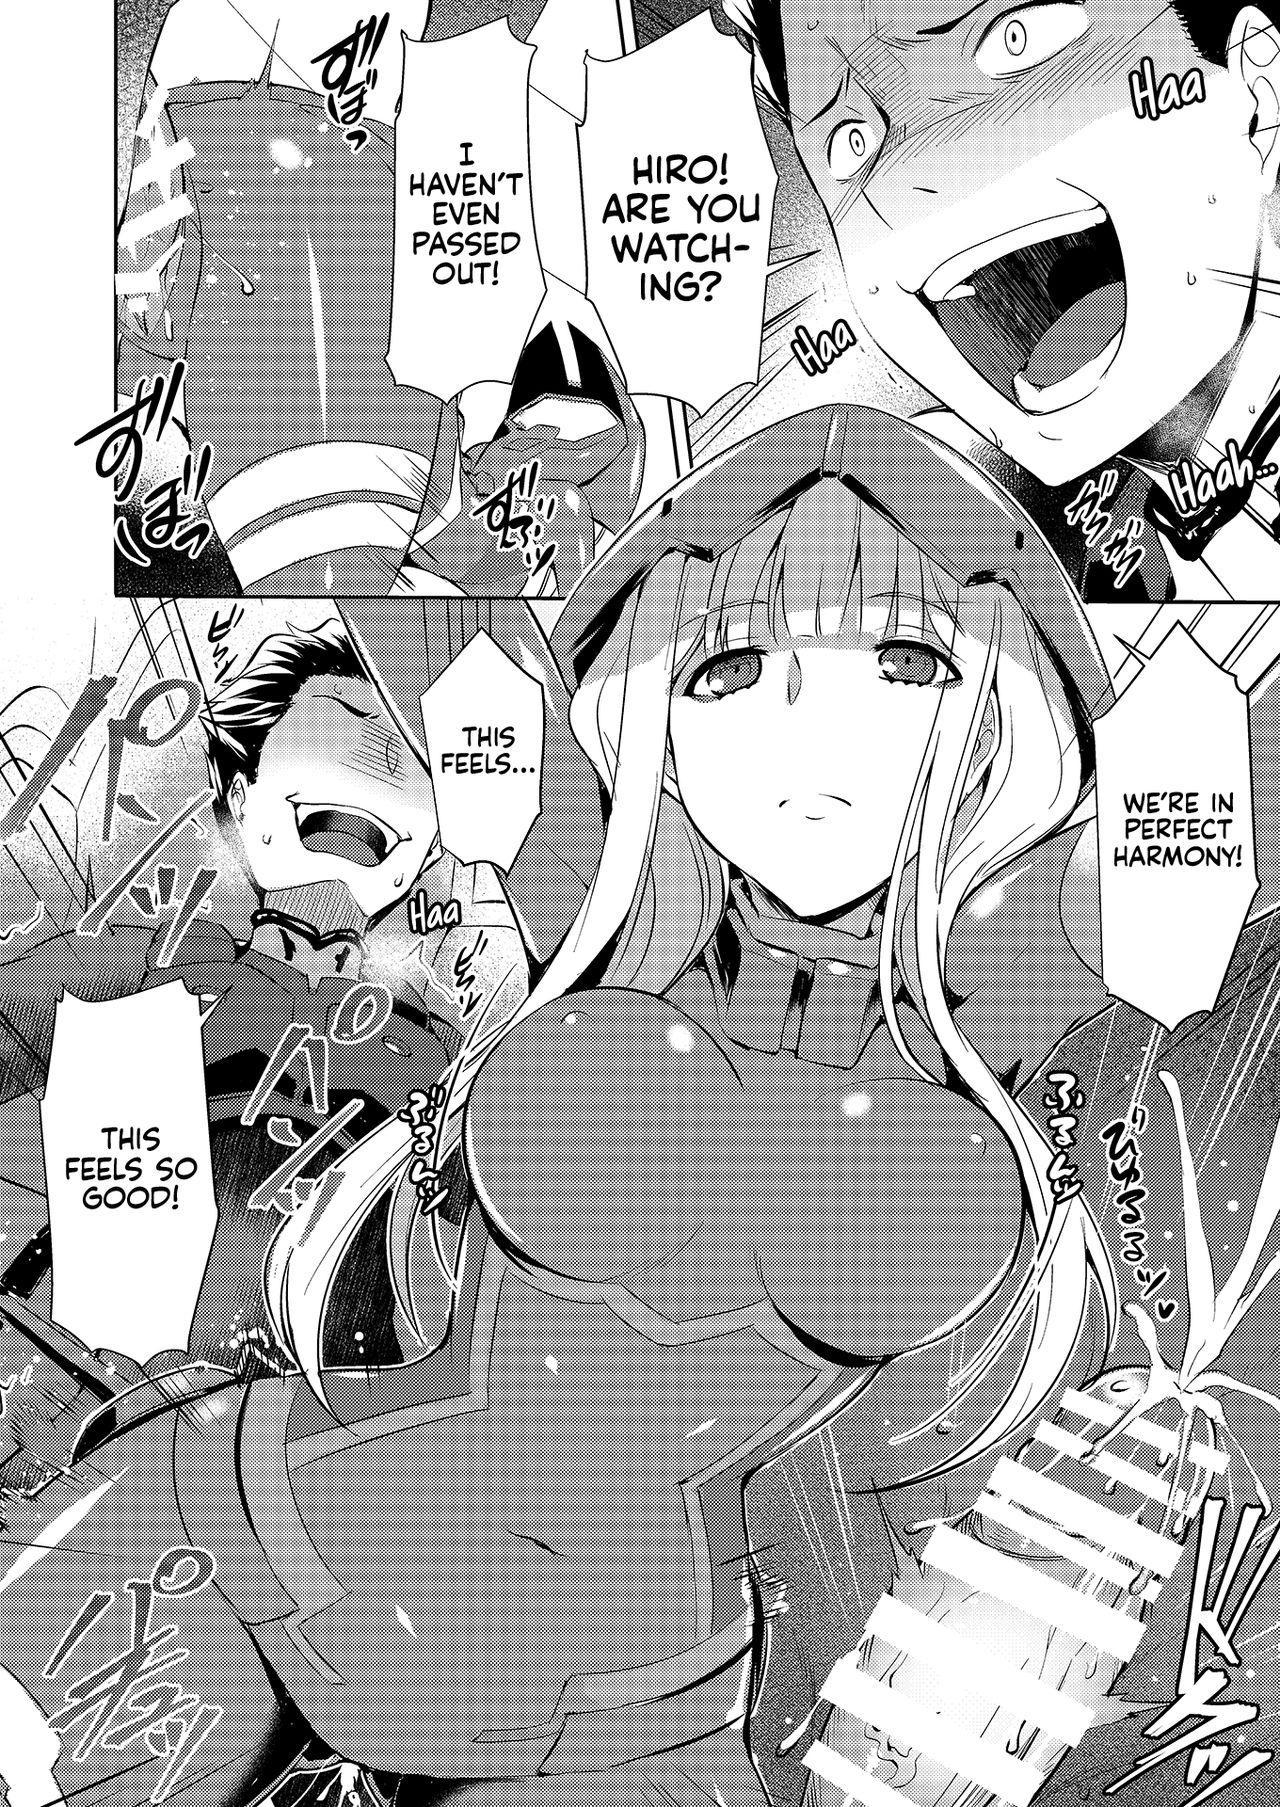 Mitsuru in the Zero Two 9